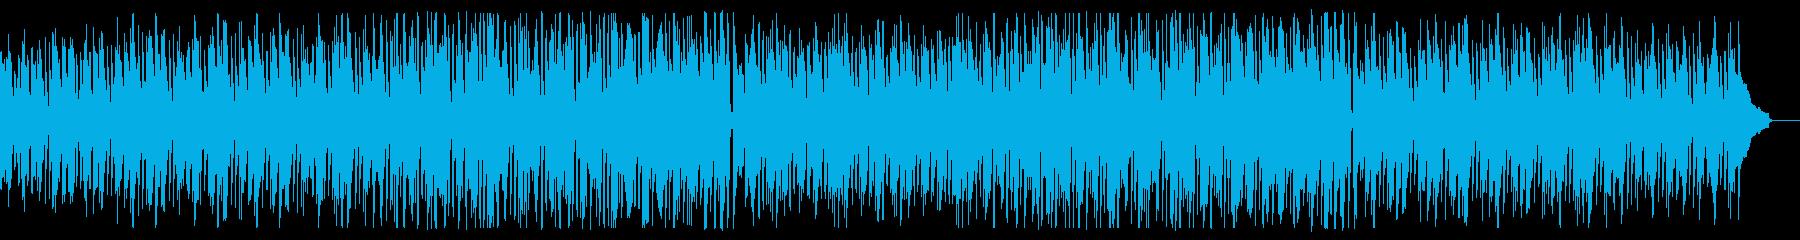 【リズム抜き】クリーンで落ち着いた説明向の再生済みの波形